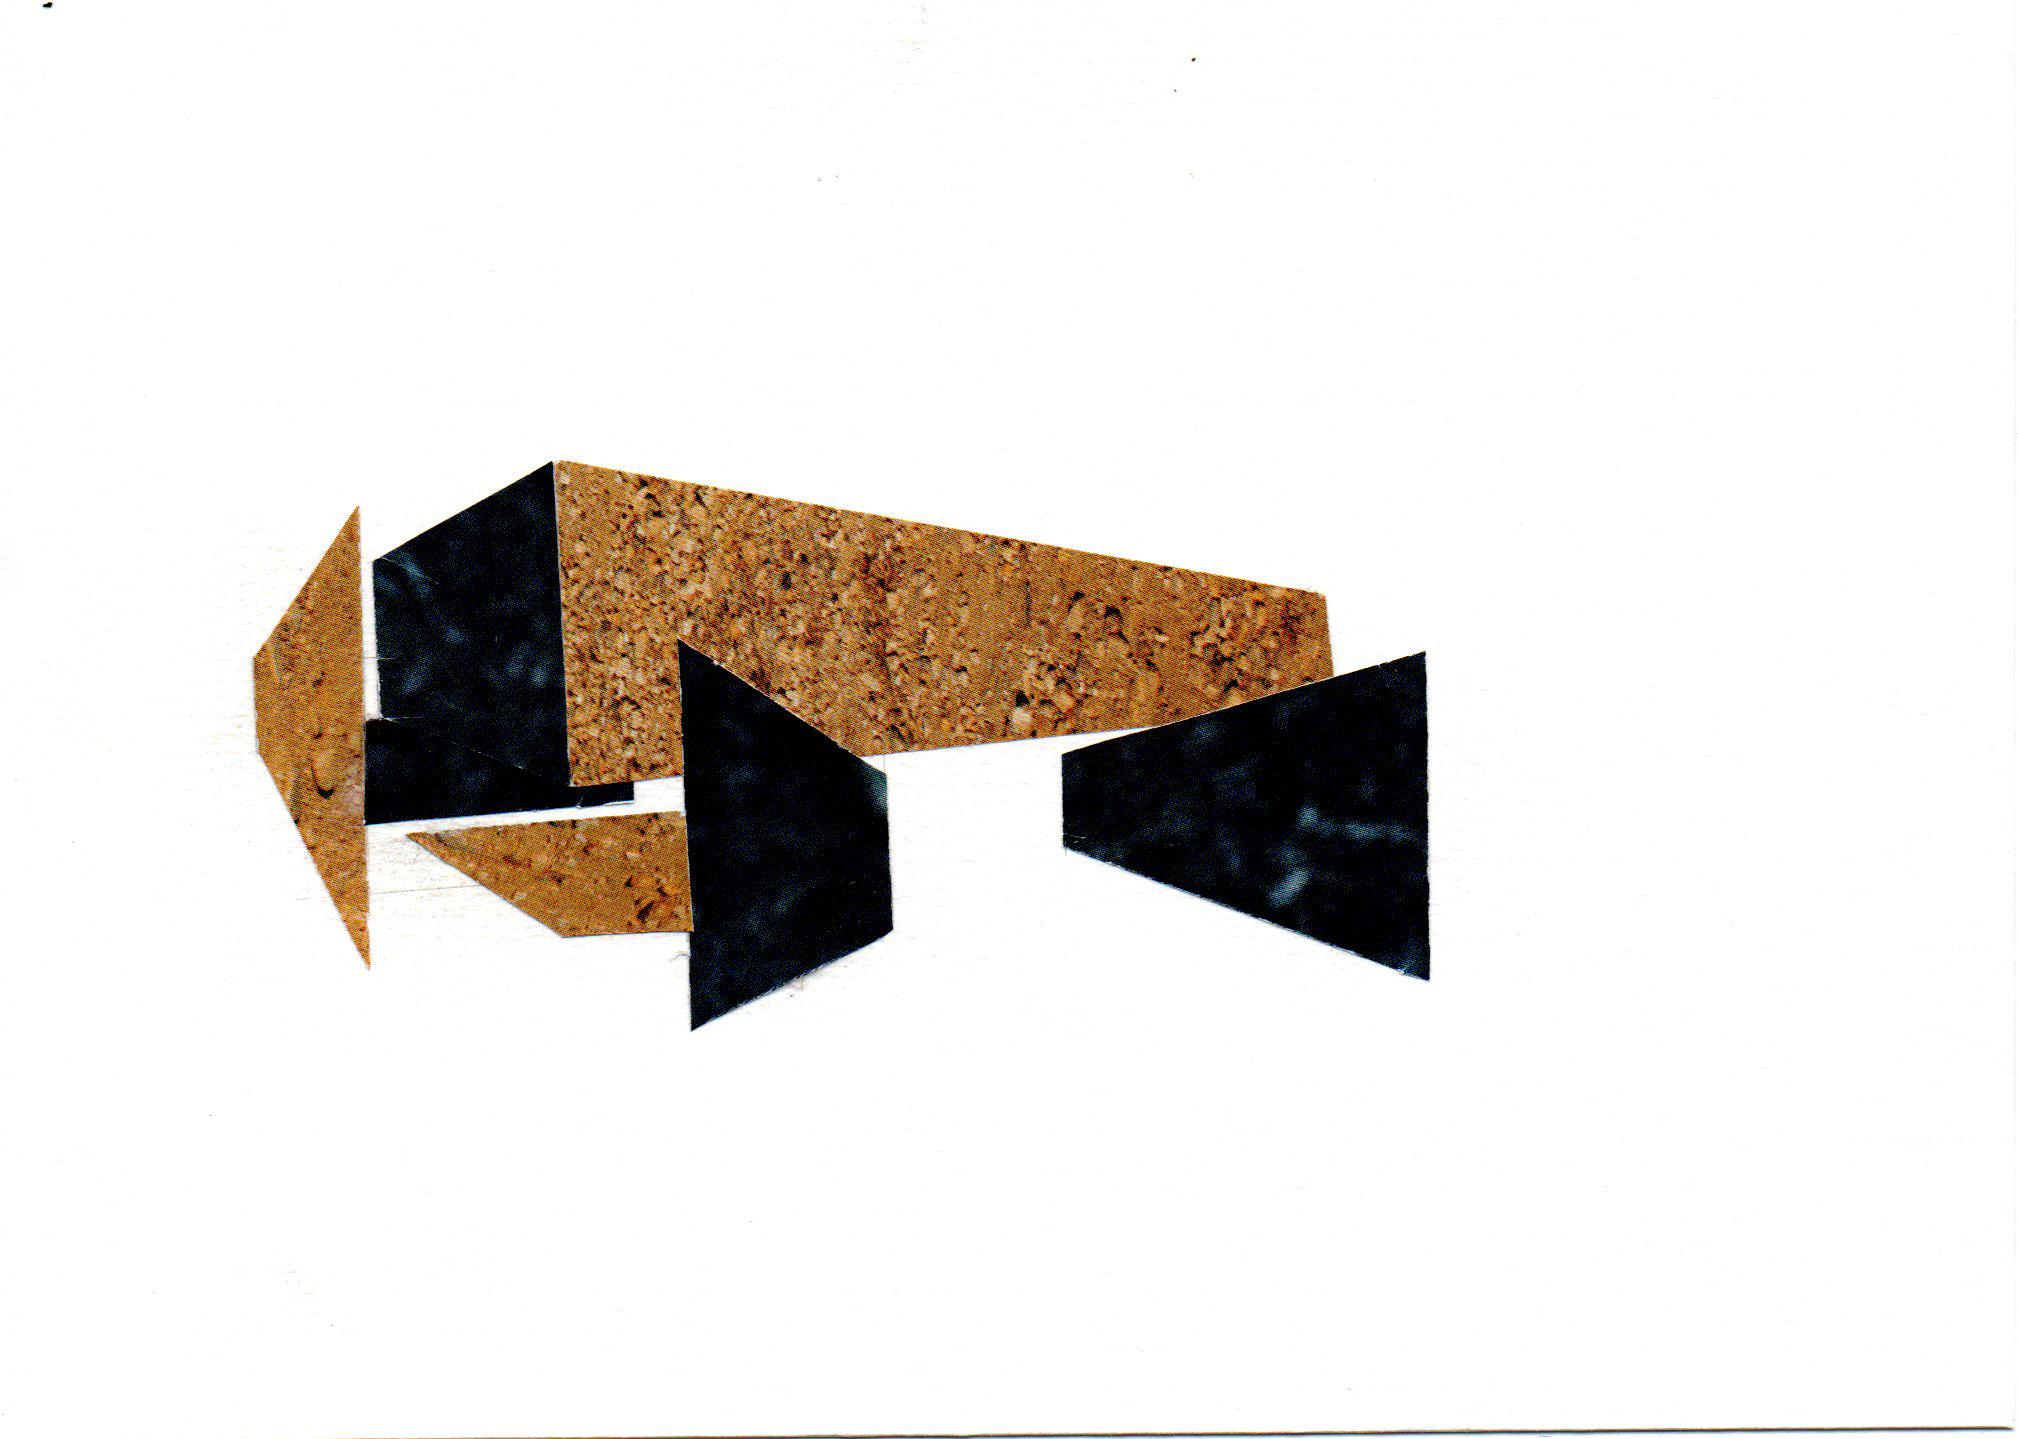 gestos-conceptuales30.jpg